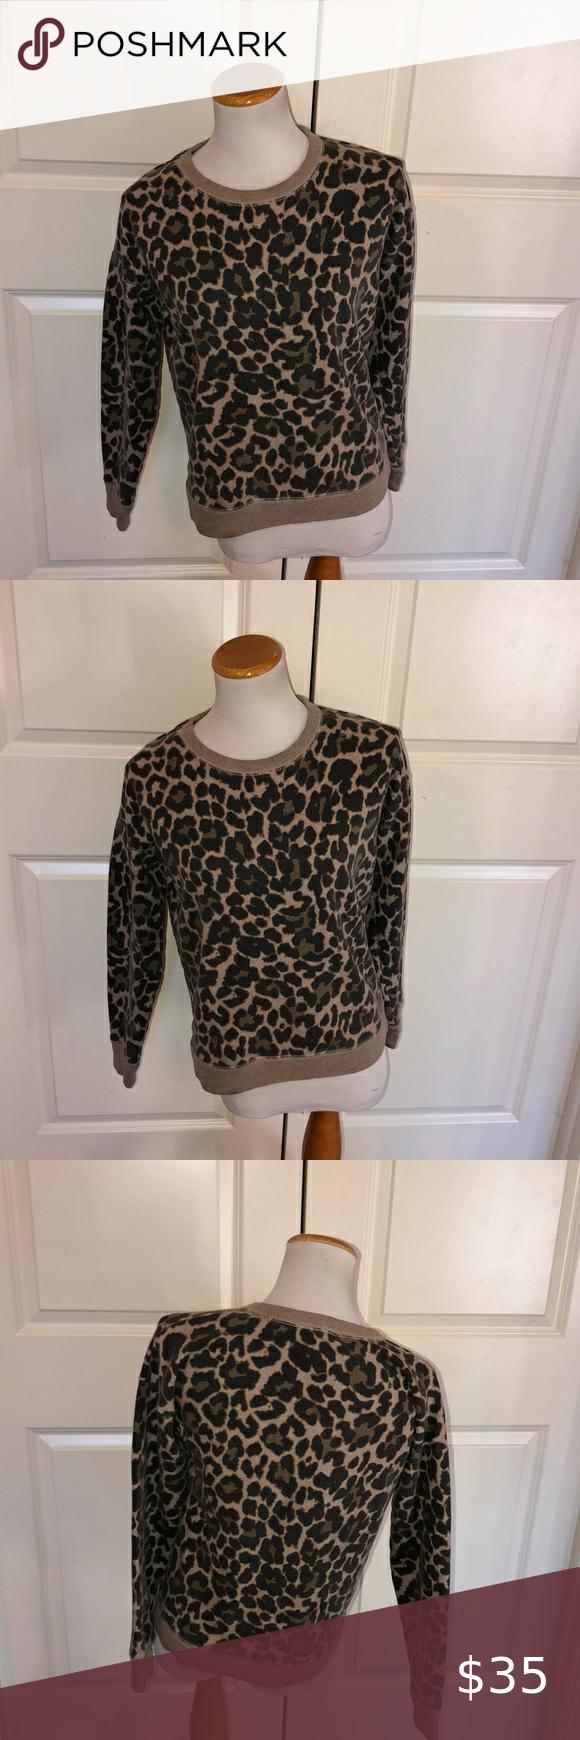 J Crew Leopard Print Crew Neck Sweatshirt J Crew Leopard Print Crew Neck Sweatshirt Size Small Great Conditi Crew Neck Sweatshirt Leopard Print Sweatshirts [ 1740 x 580 Pixel ]